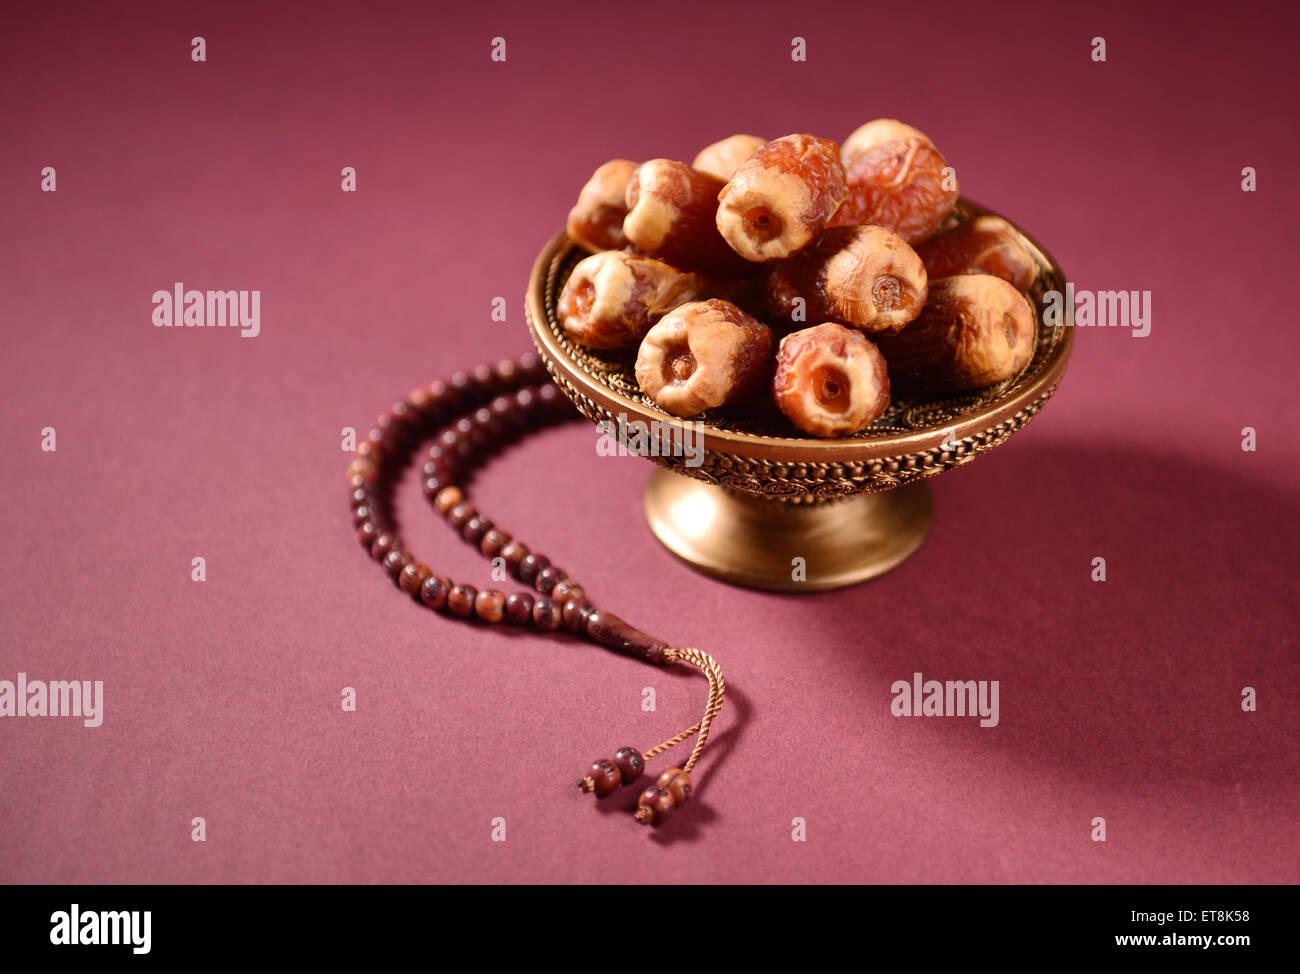 Fechas en un tazón y cordones de oración islámica. Foto de stock